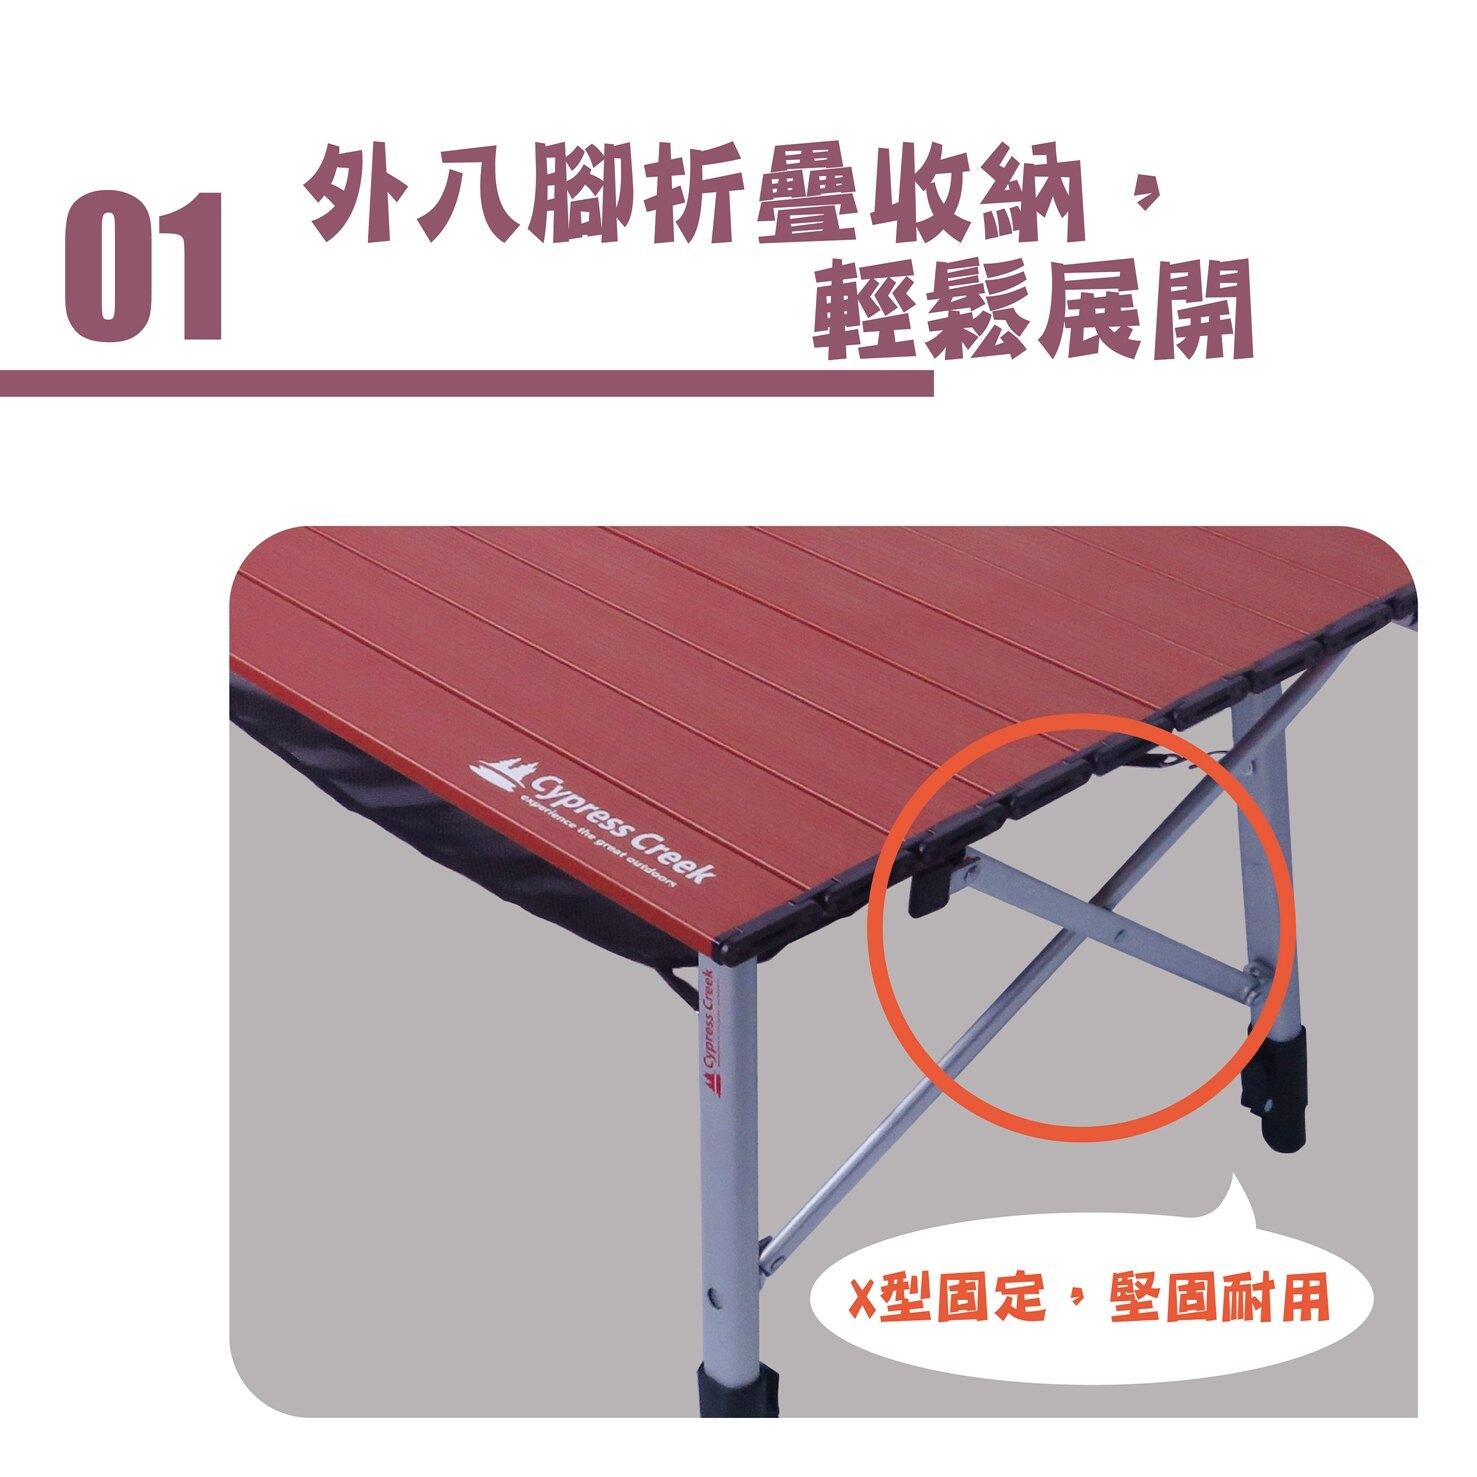 賽普勒斯~CYPRESS CREEK鋁合金強化蛋捲桌(耐熱防刮烤漆)(CC-ET100)